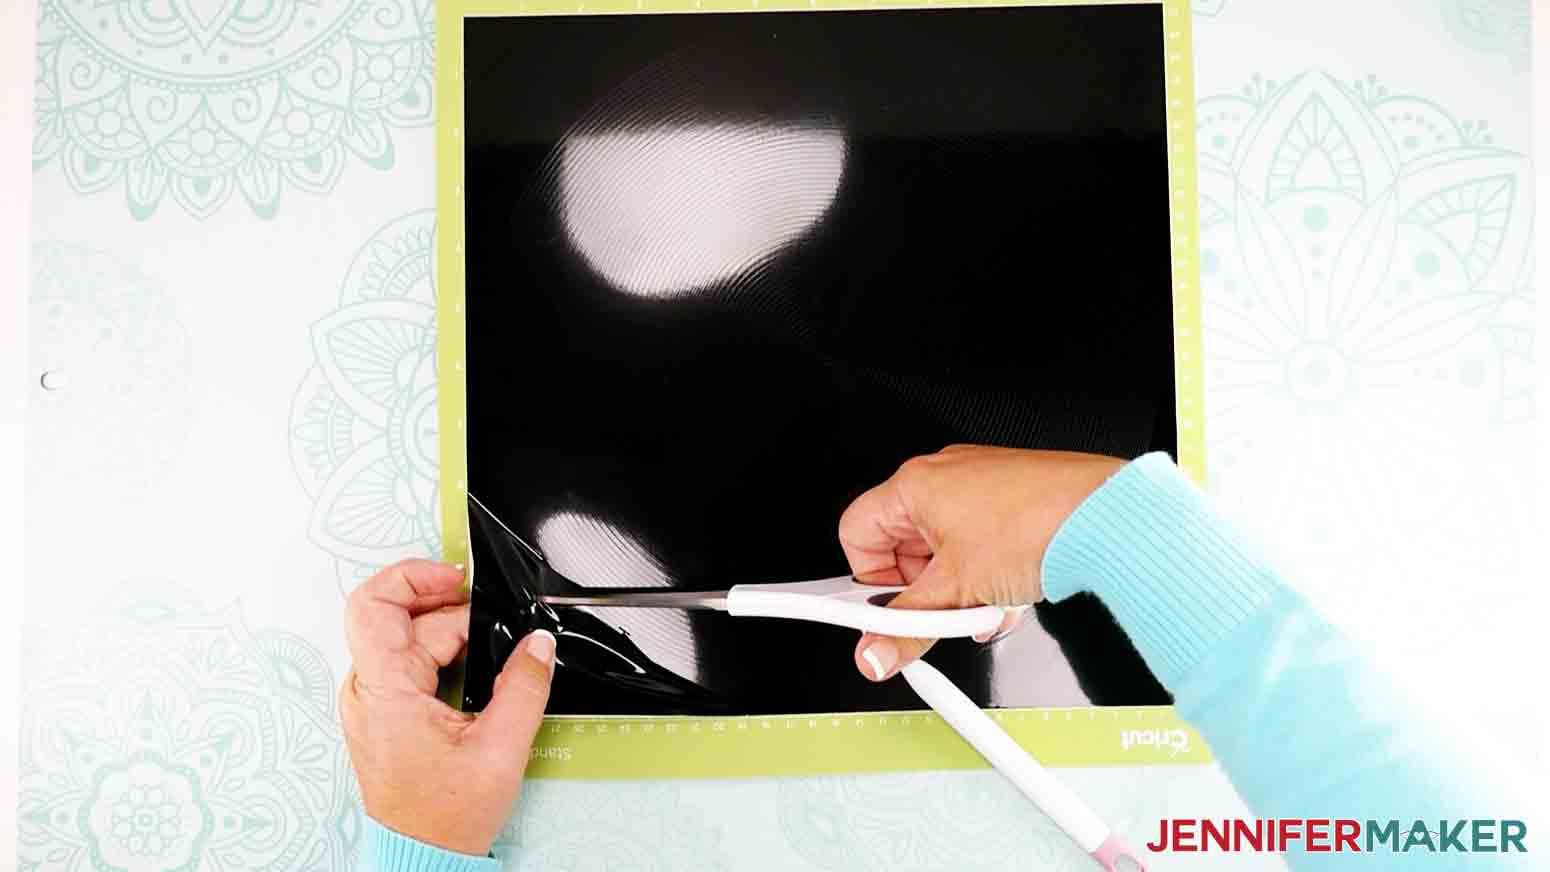 cutting vinyl with scissors